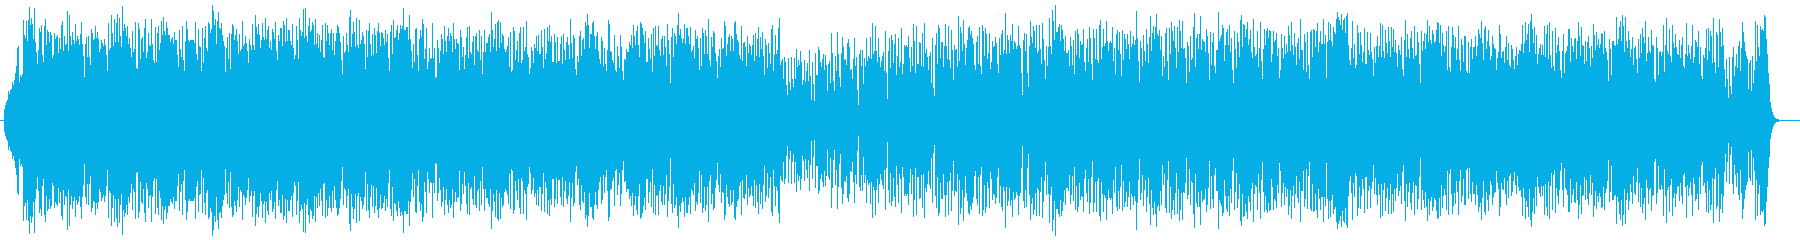 技巧的な楽器が特徴のハードロックの再生済みの波形